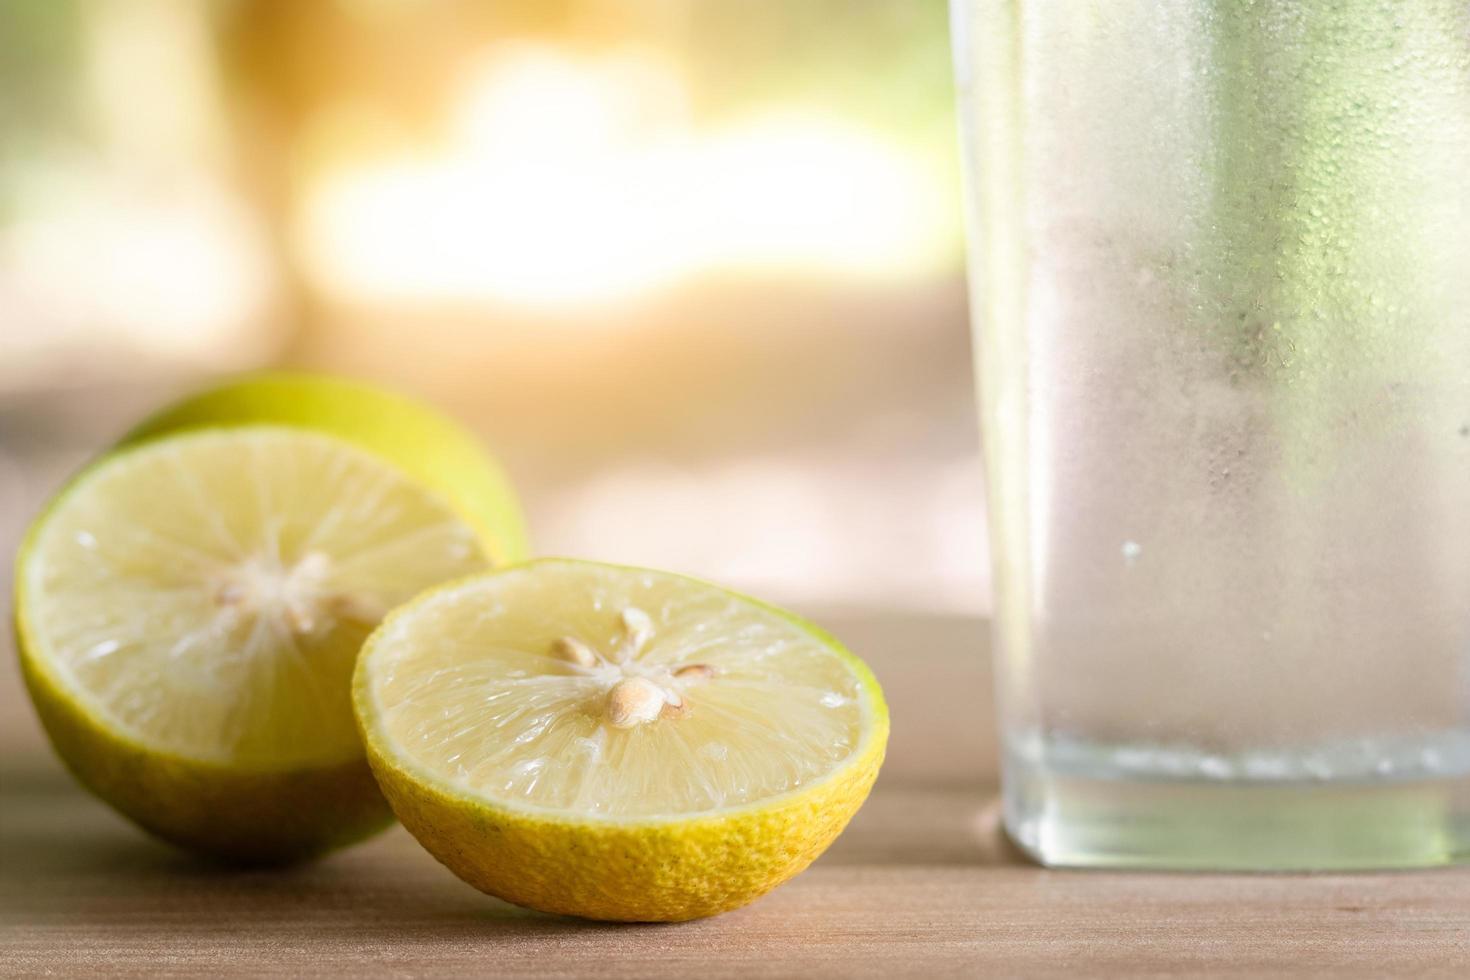 verse soda-citroen in een glas met schijfjes citroen. frisdrank citroensap. foto